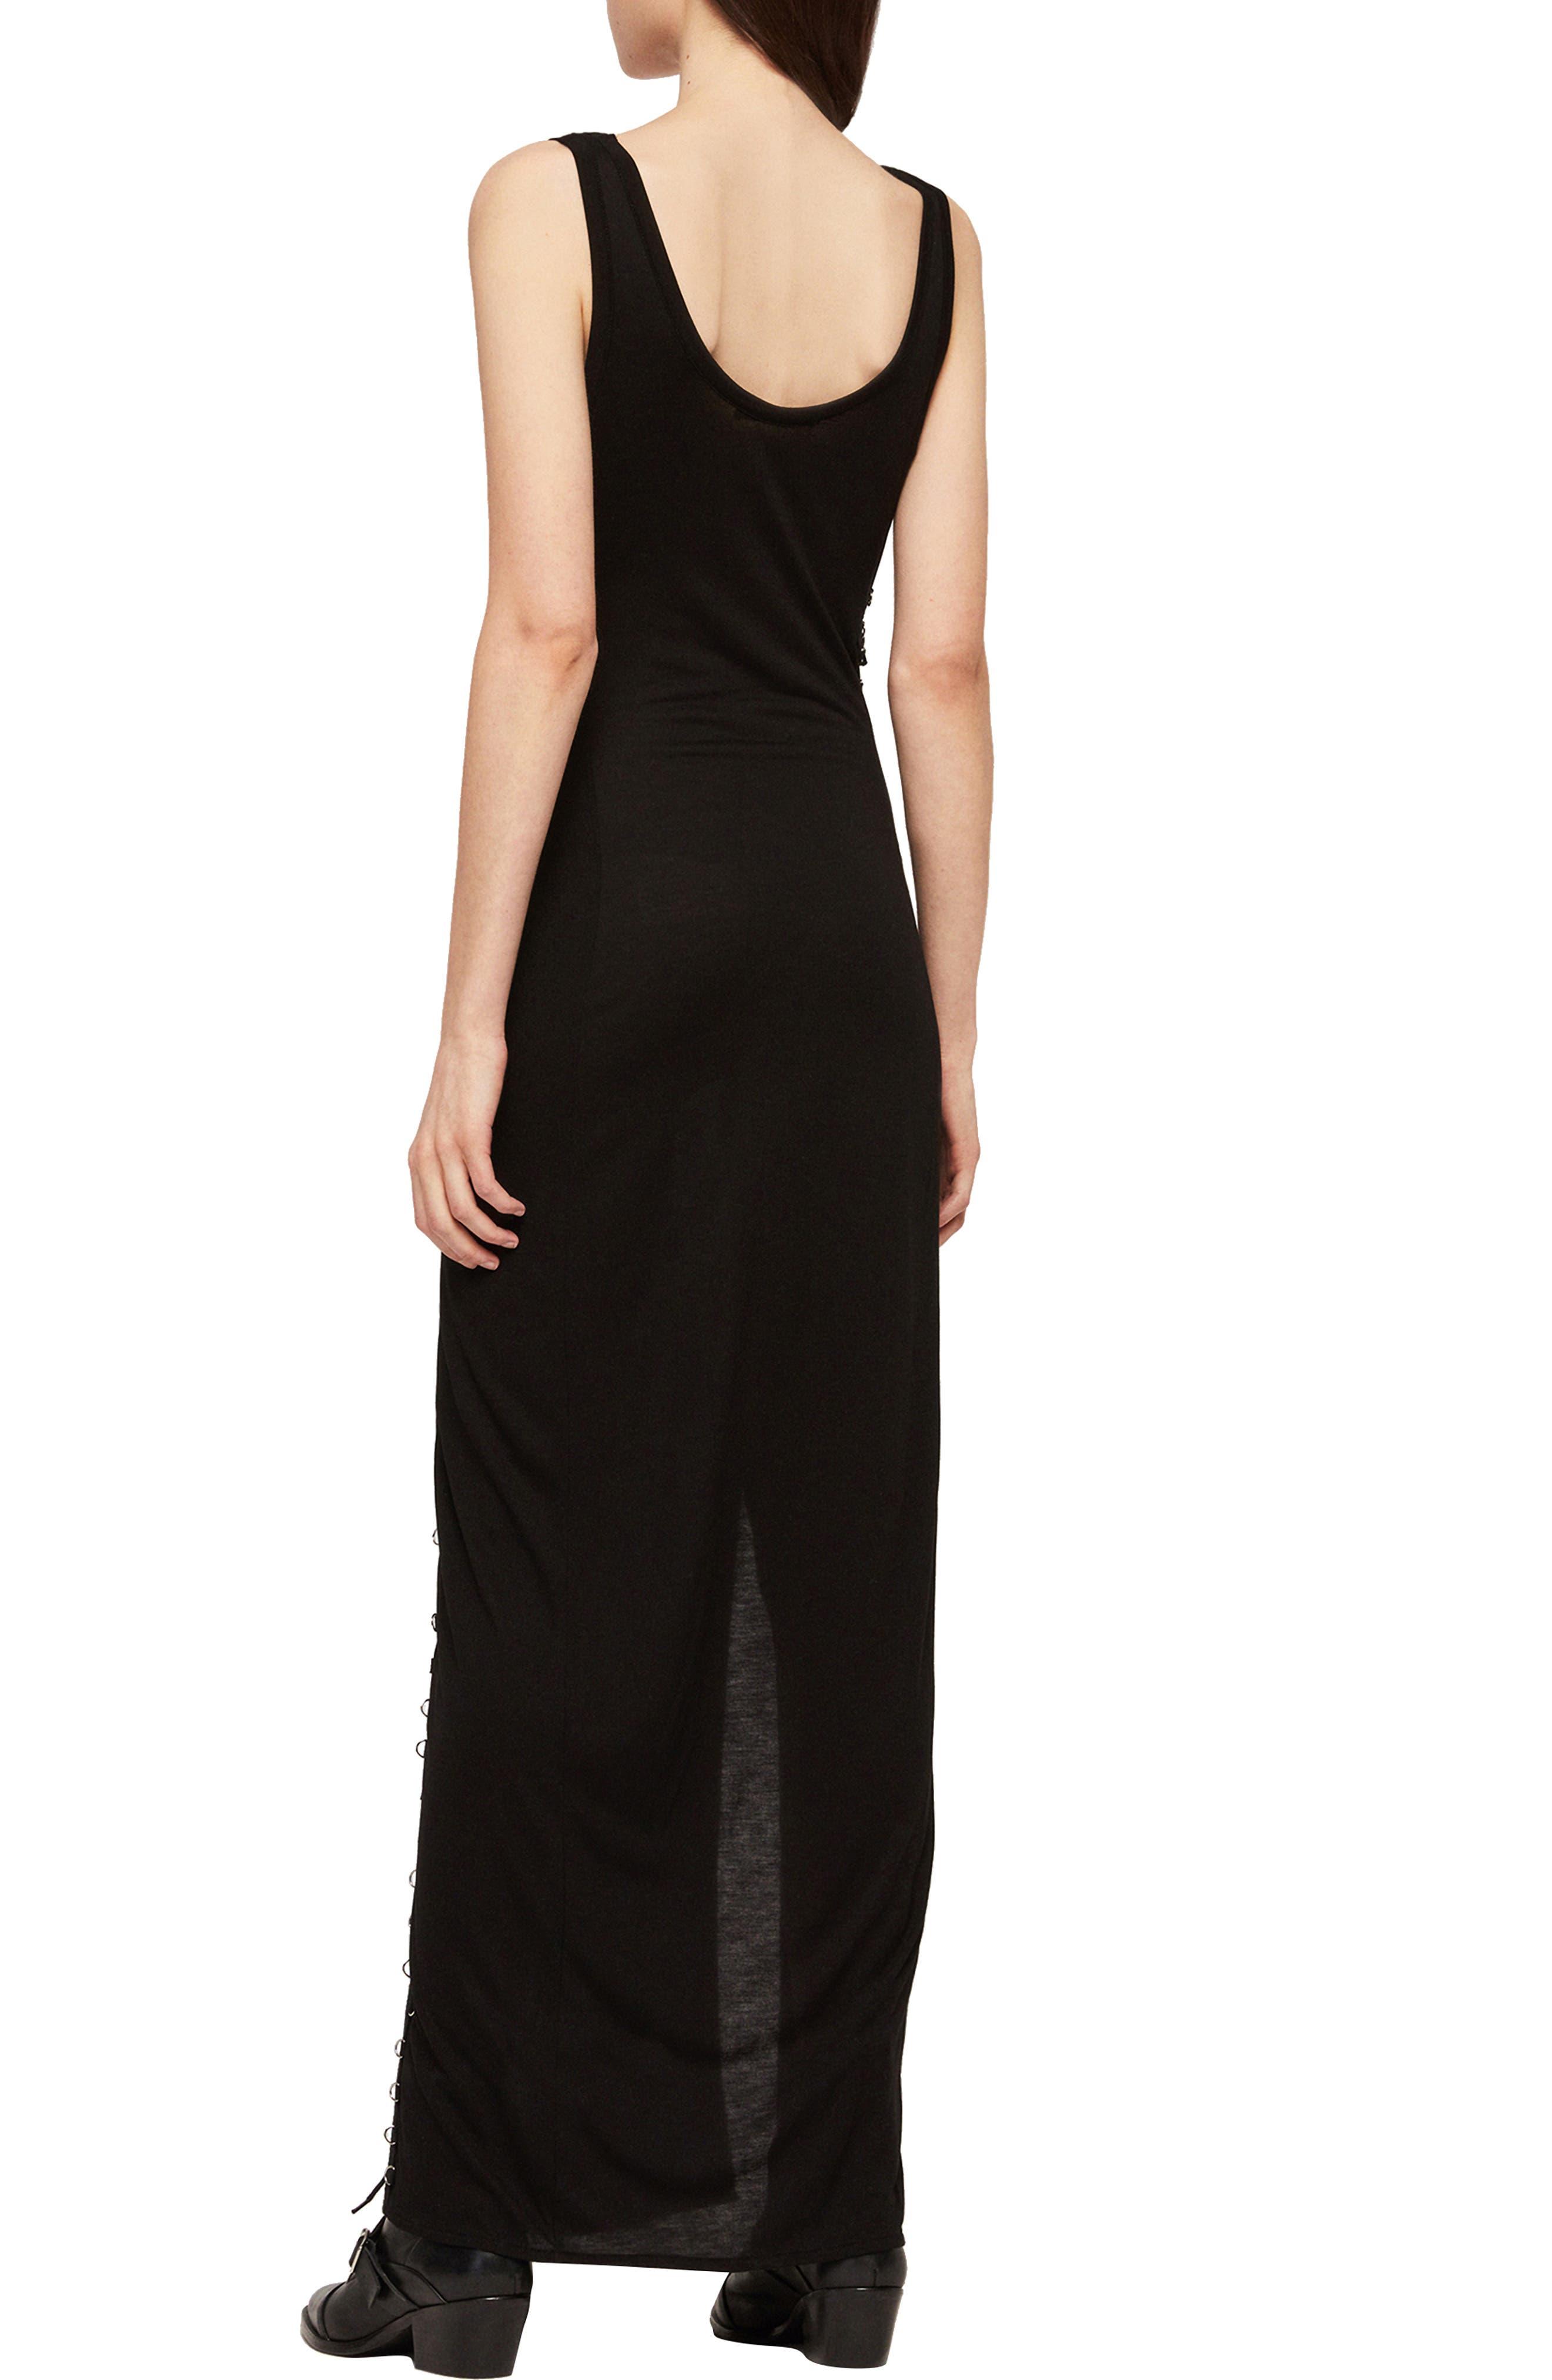 ALLSAINTS, Daner Lace-Up Side Maxi Dress, Alternate thumbnail 2, color, BLACK